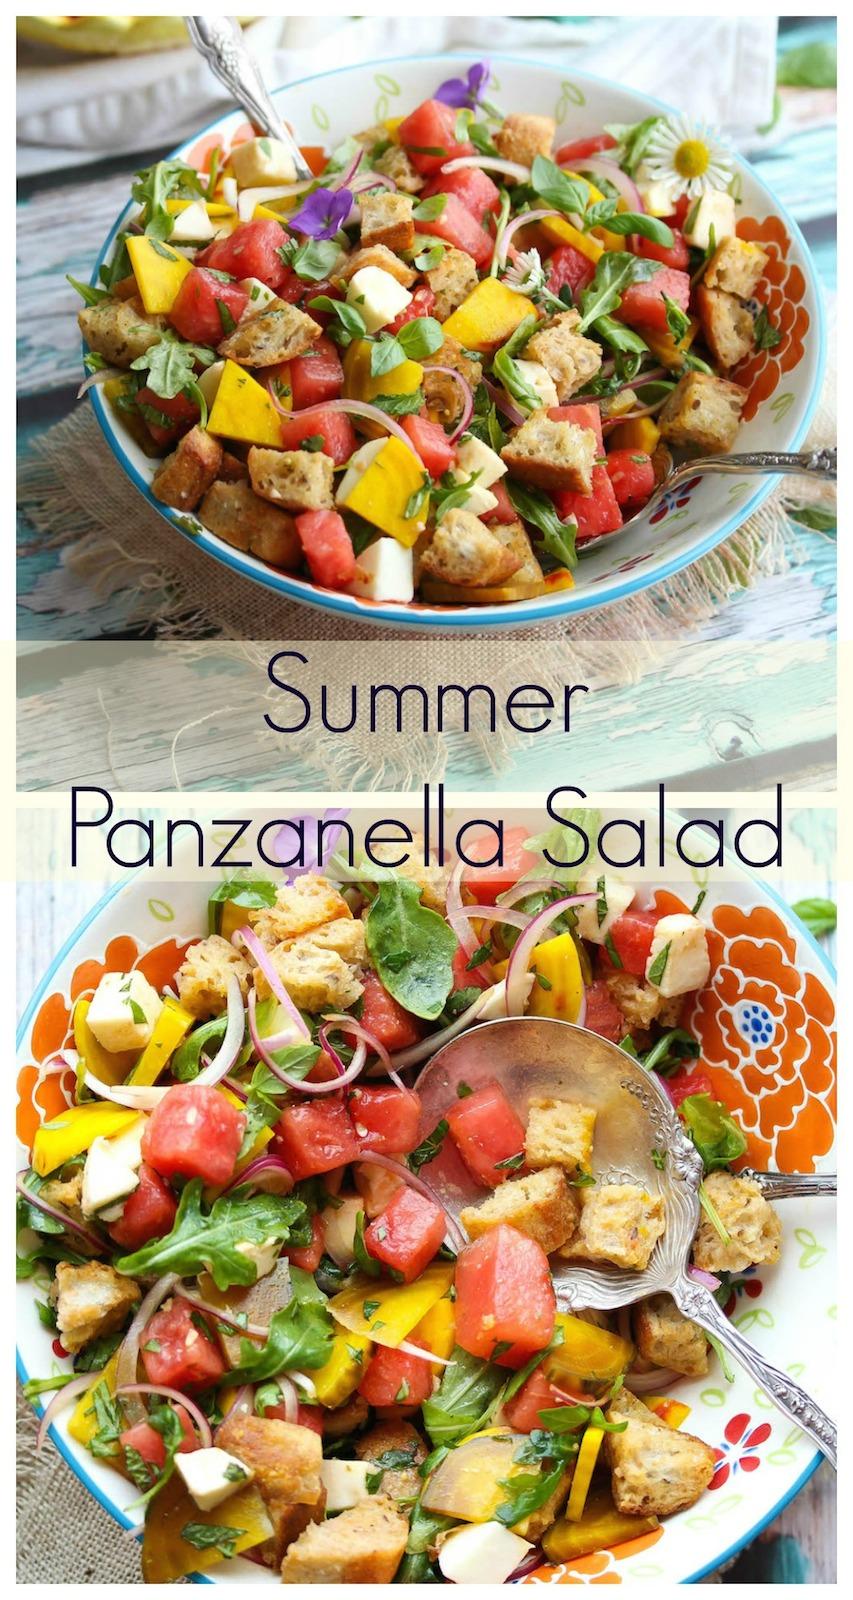 Summer Panzanella Salad | Dishing Out Health